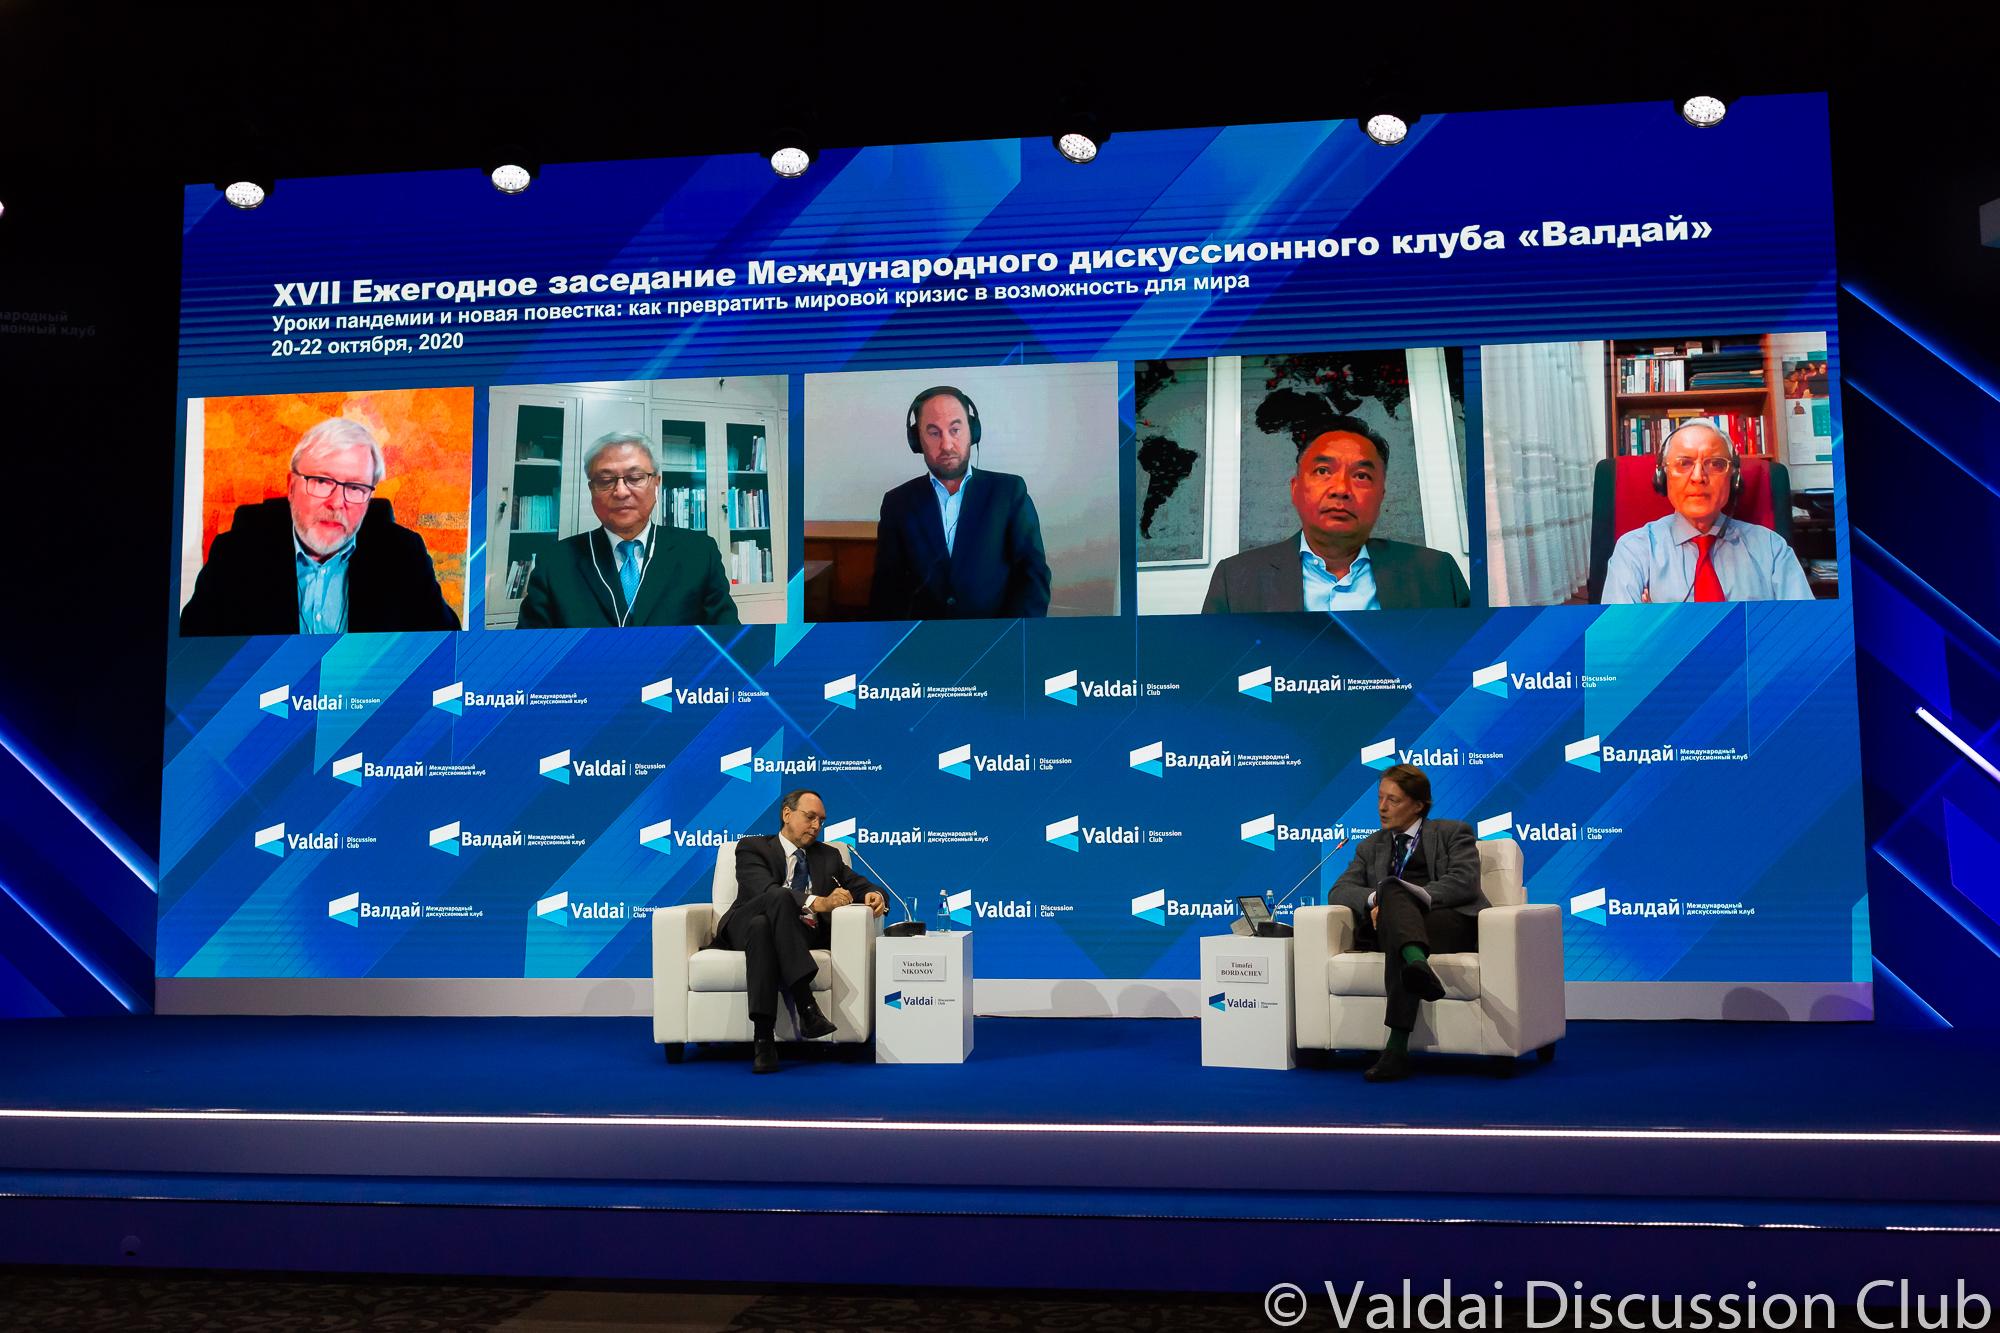 Клуб «Валдай» в Казани: глобальные вызовы, безопасность, интеграция экономик